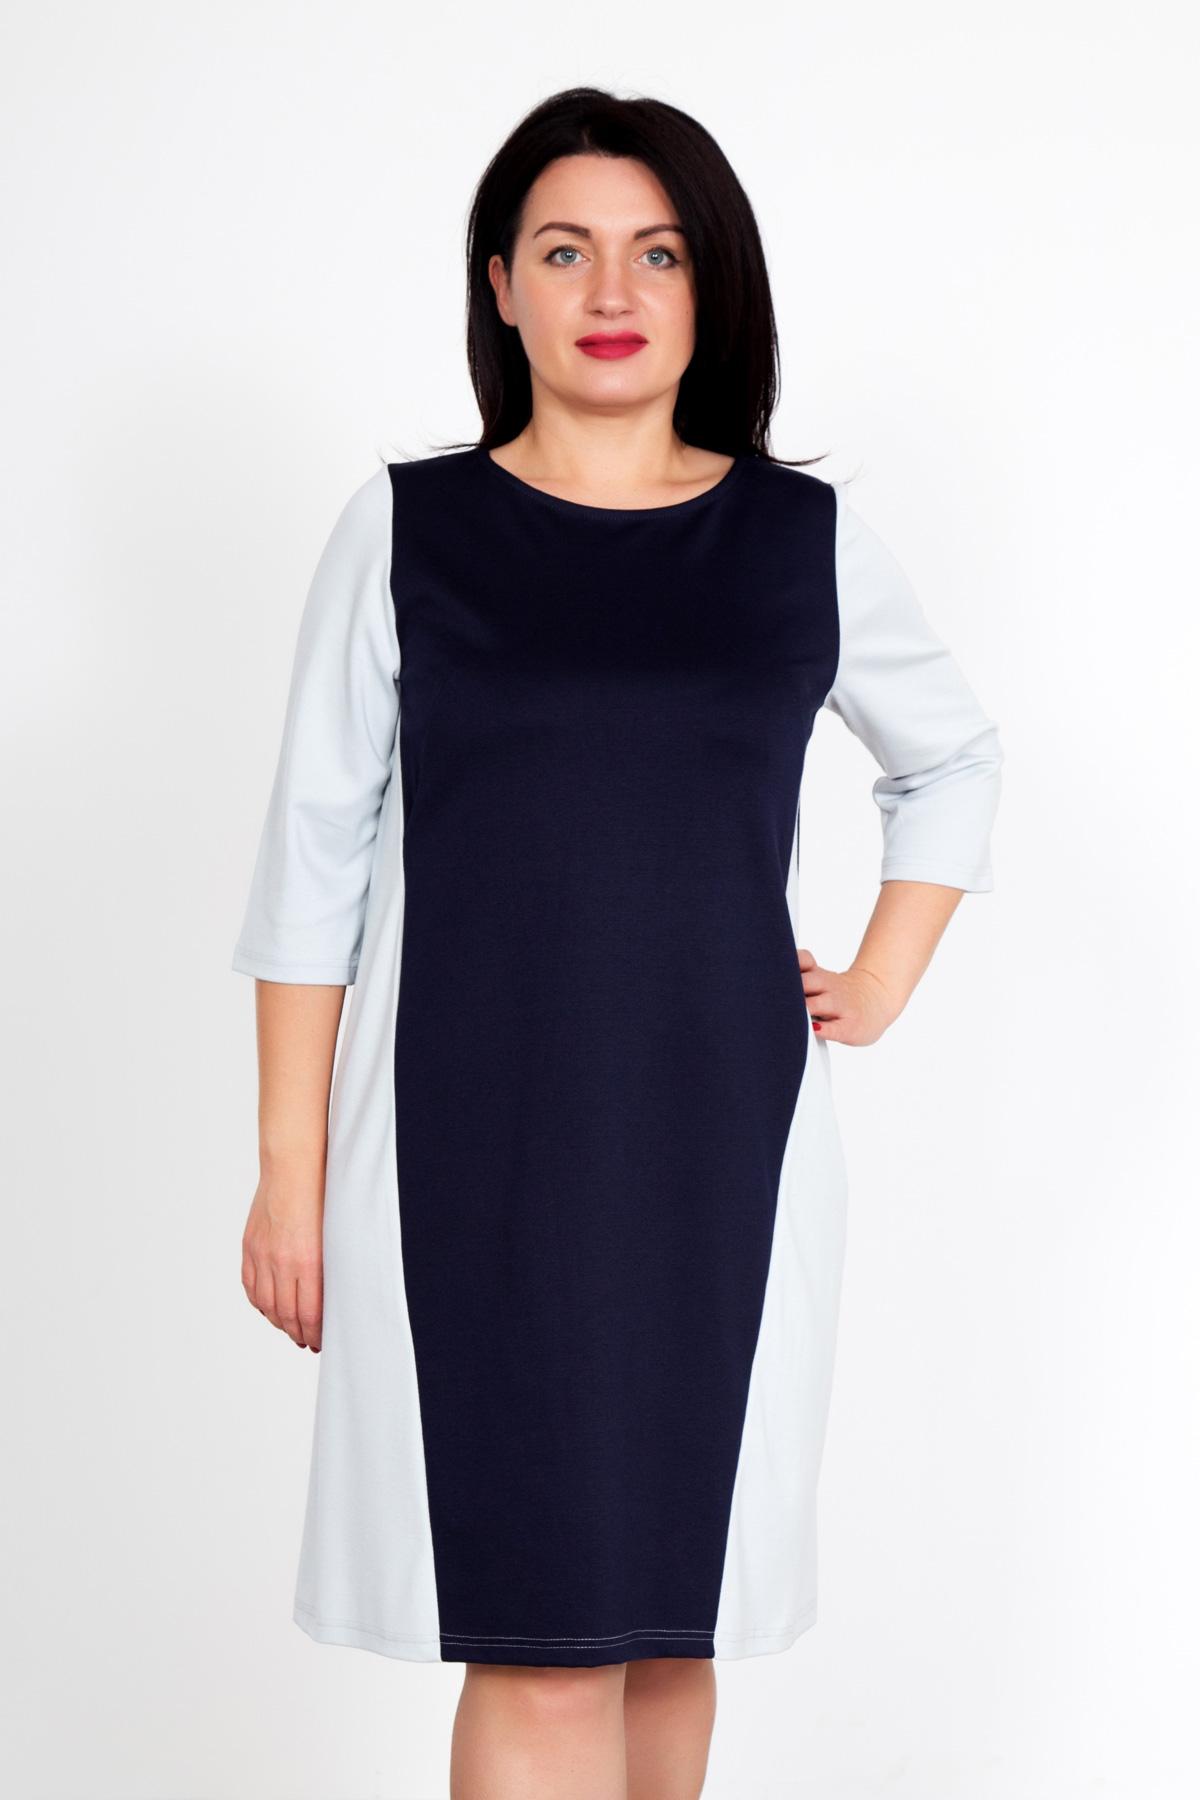 Жен. платье Бренда Синий р. 58Платья<br>Обхват груди: 116 см <br>Обхват талии: 97 см <br>Обхват бедер: 124 см <br>Длина по спинке: 95 см <br>Рост: 167 см<br><br>Тип: Жен. платье<br>Размер: 58<br>Материал: Милано